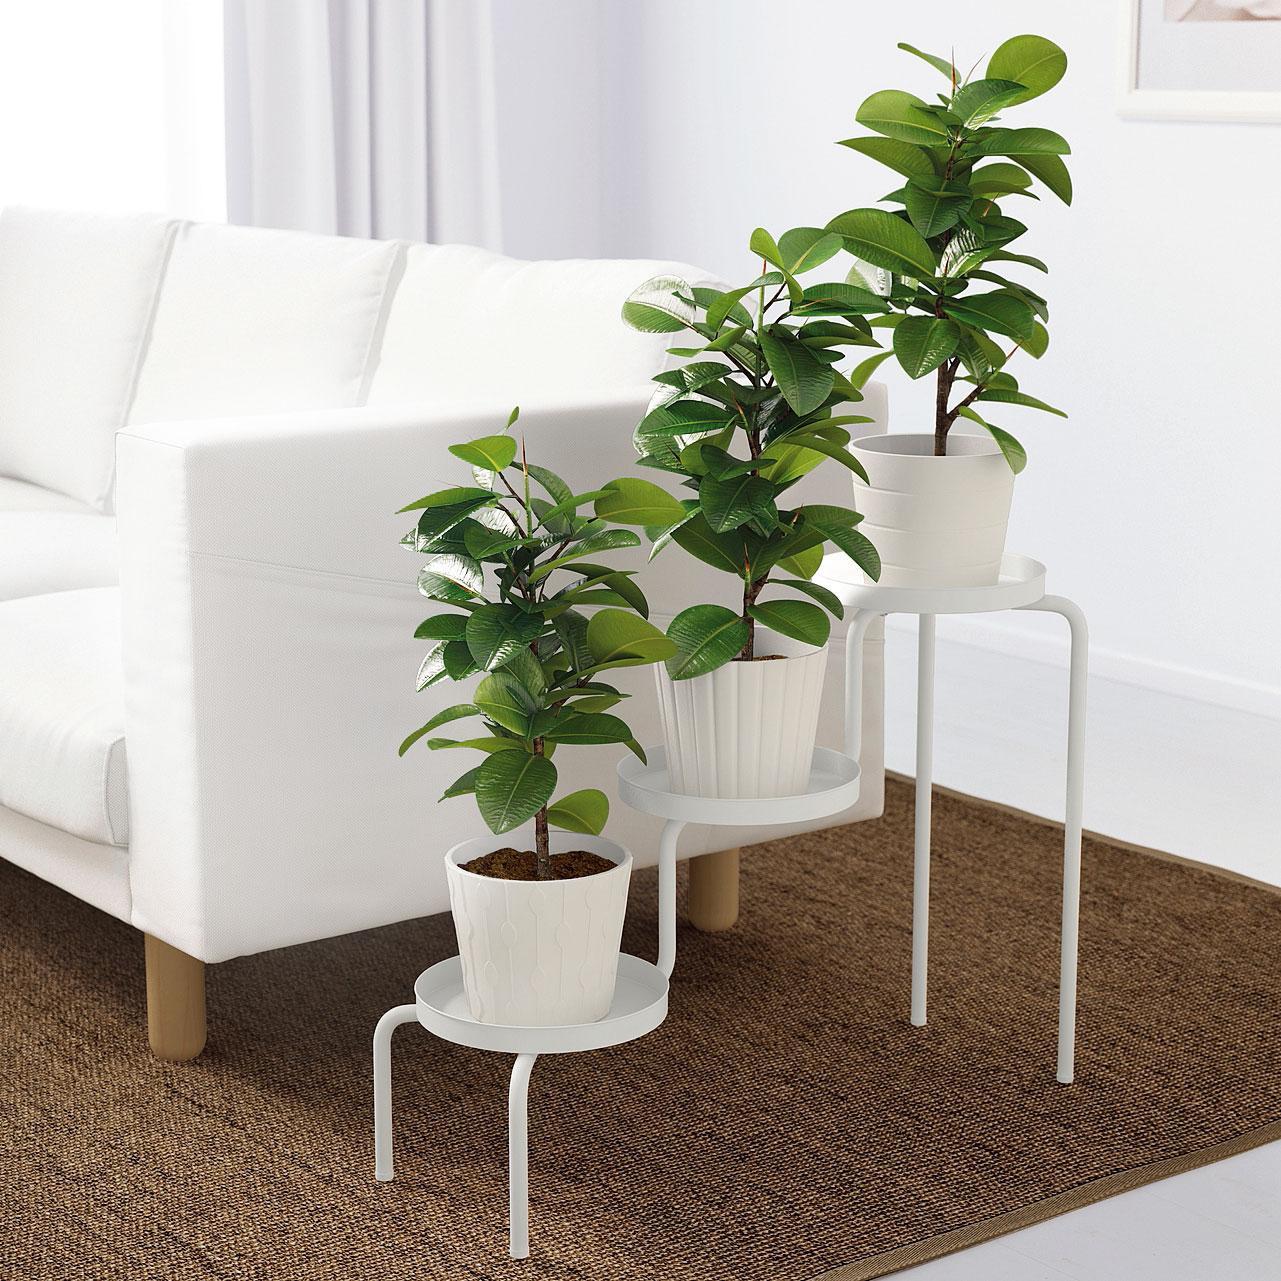 Vasi Per Piante Da Terrazzo portavasi per le piante in casa: idee per arredare interni